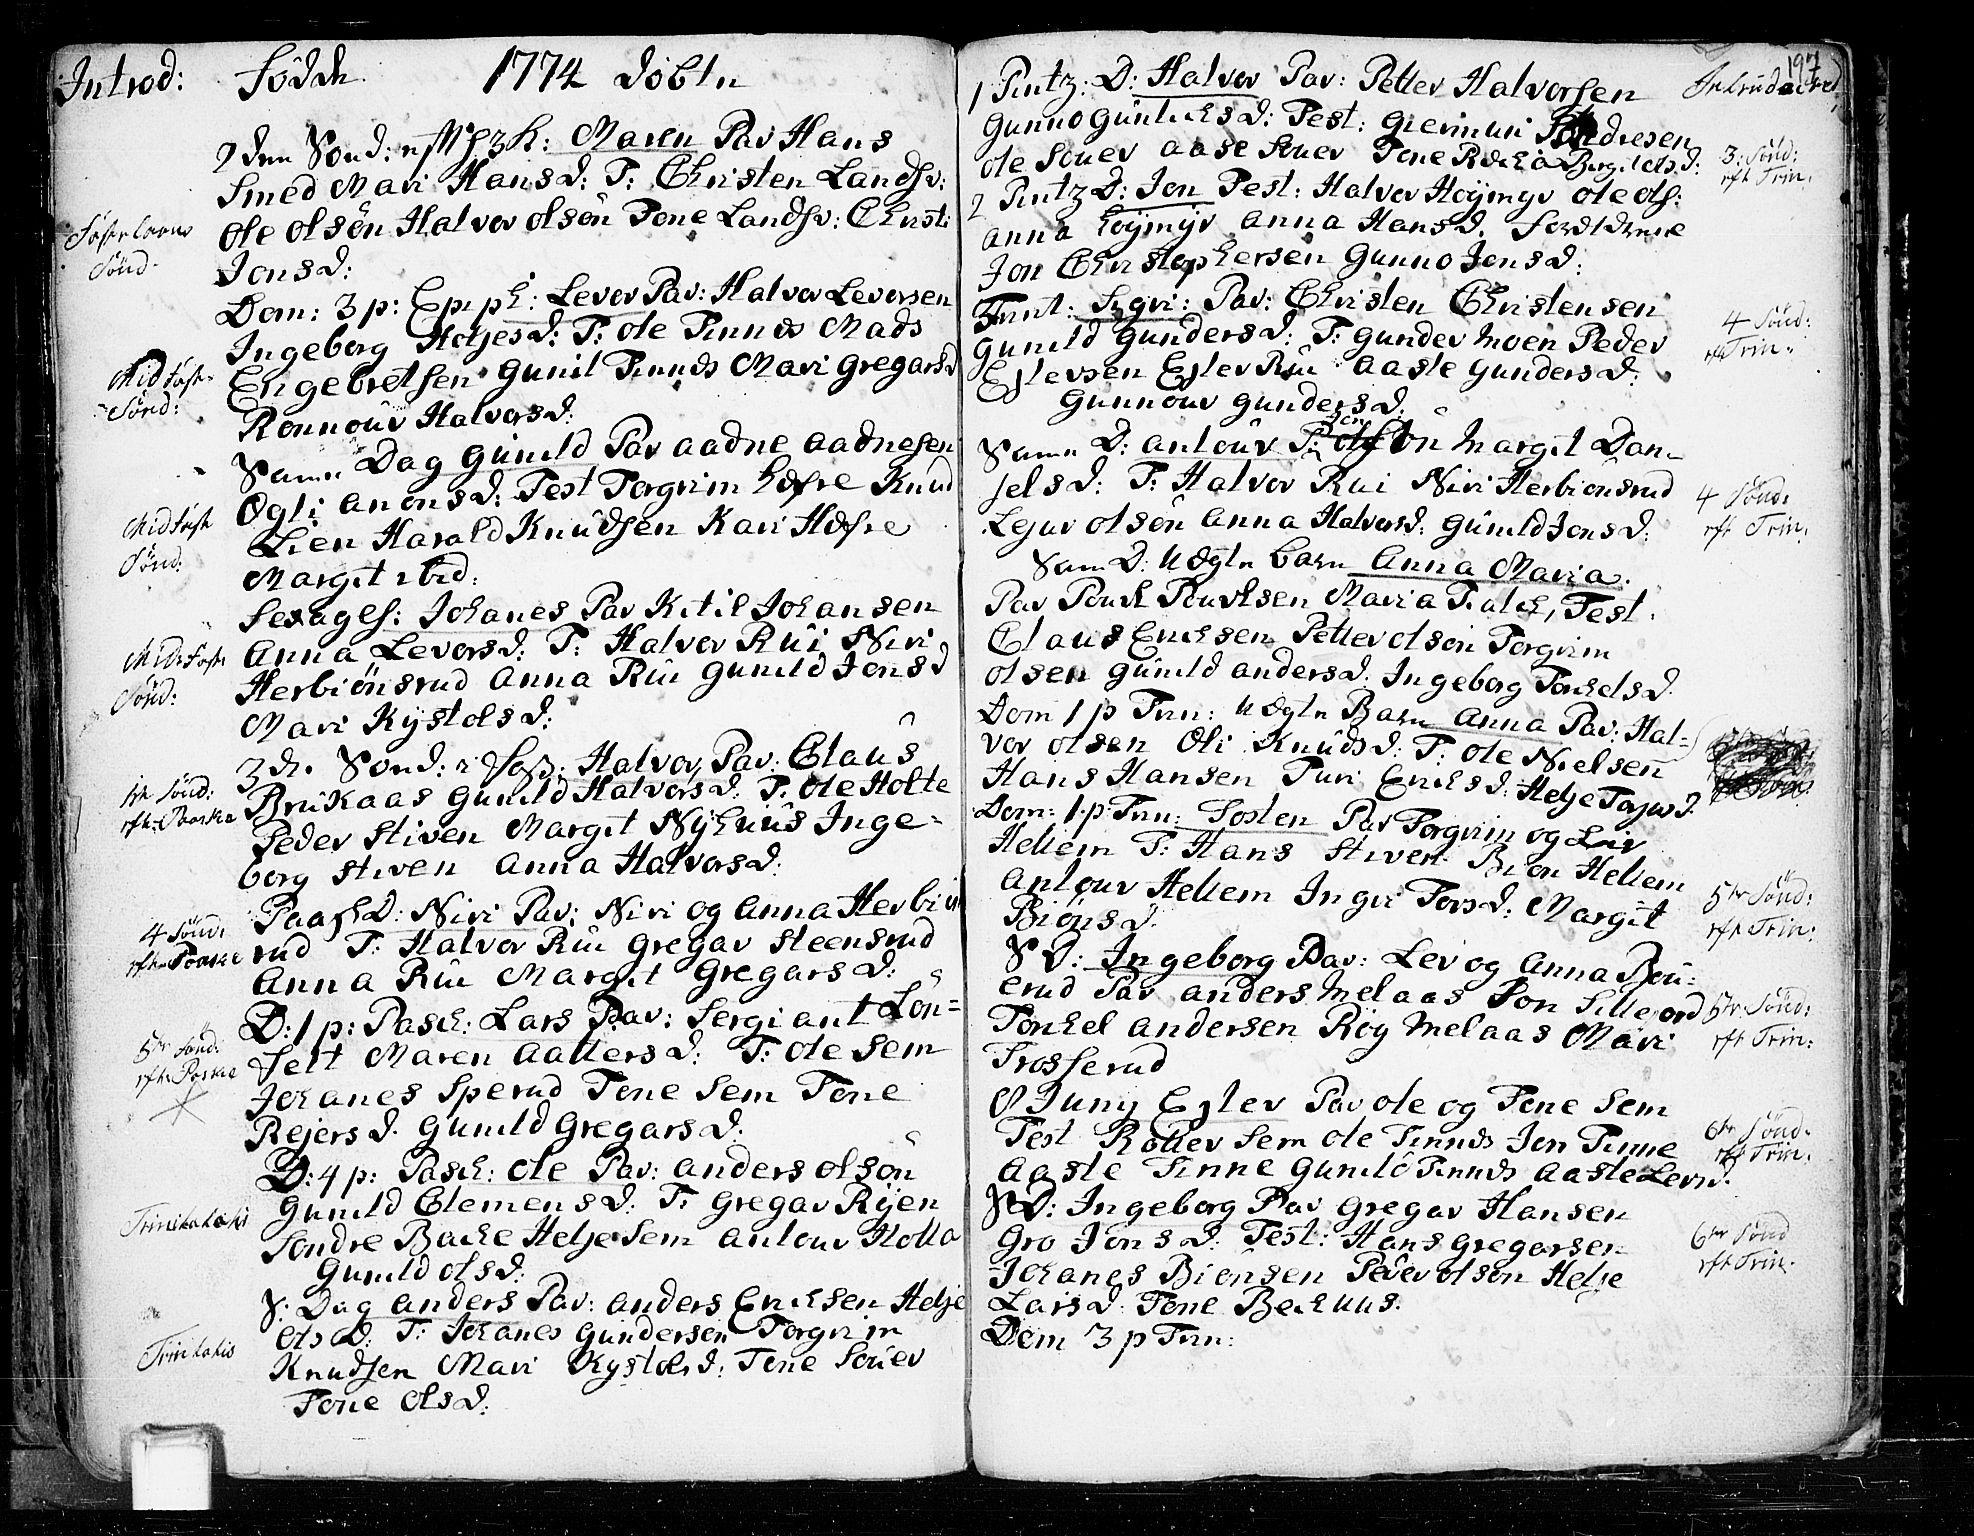 SAKO, Heddal kirkebøker, F/Fa/L0003: Ministerialbok nr. I 3, 1723-1783, s. 197